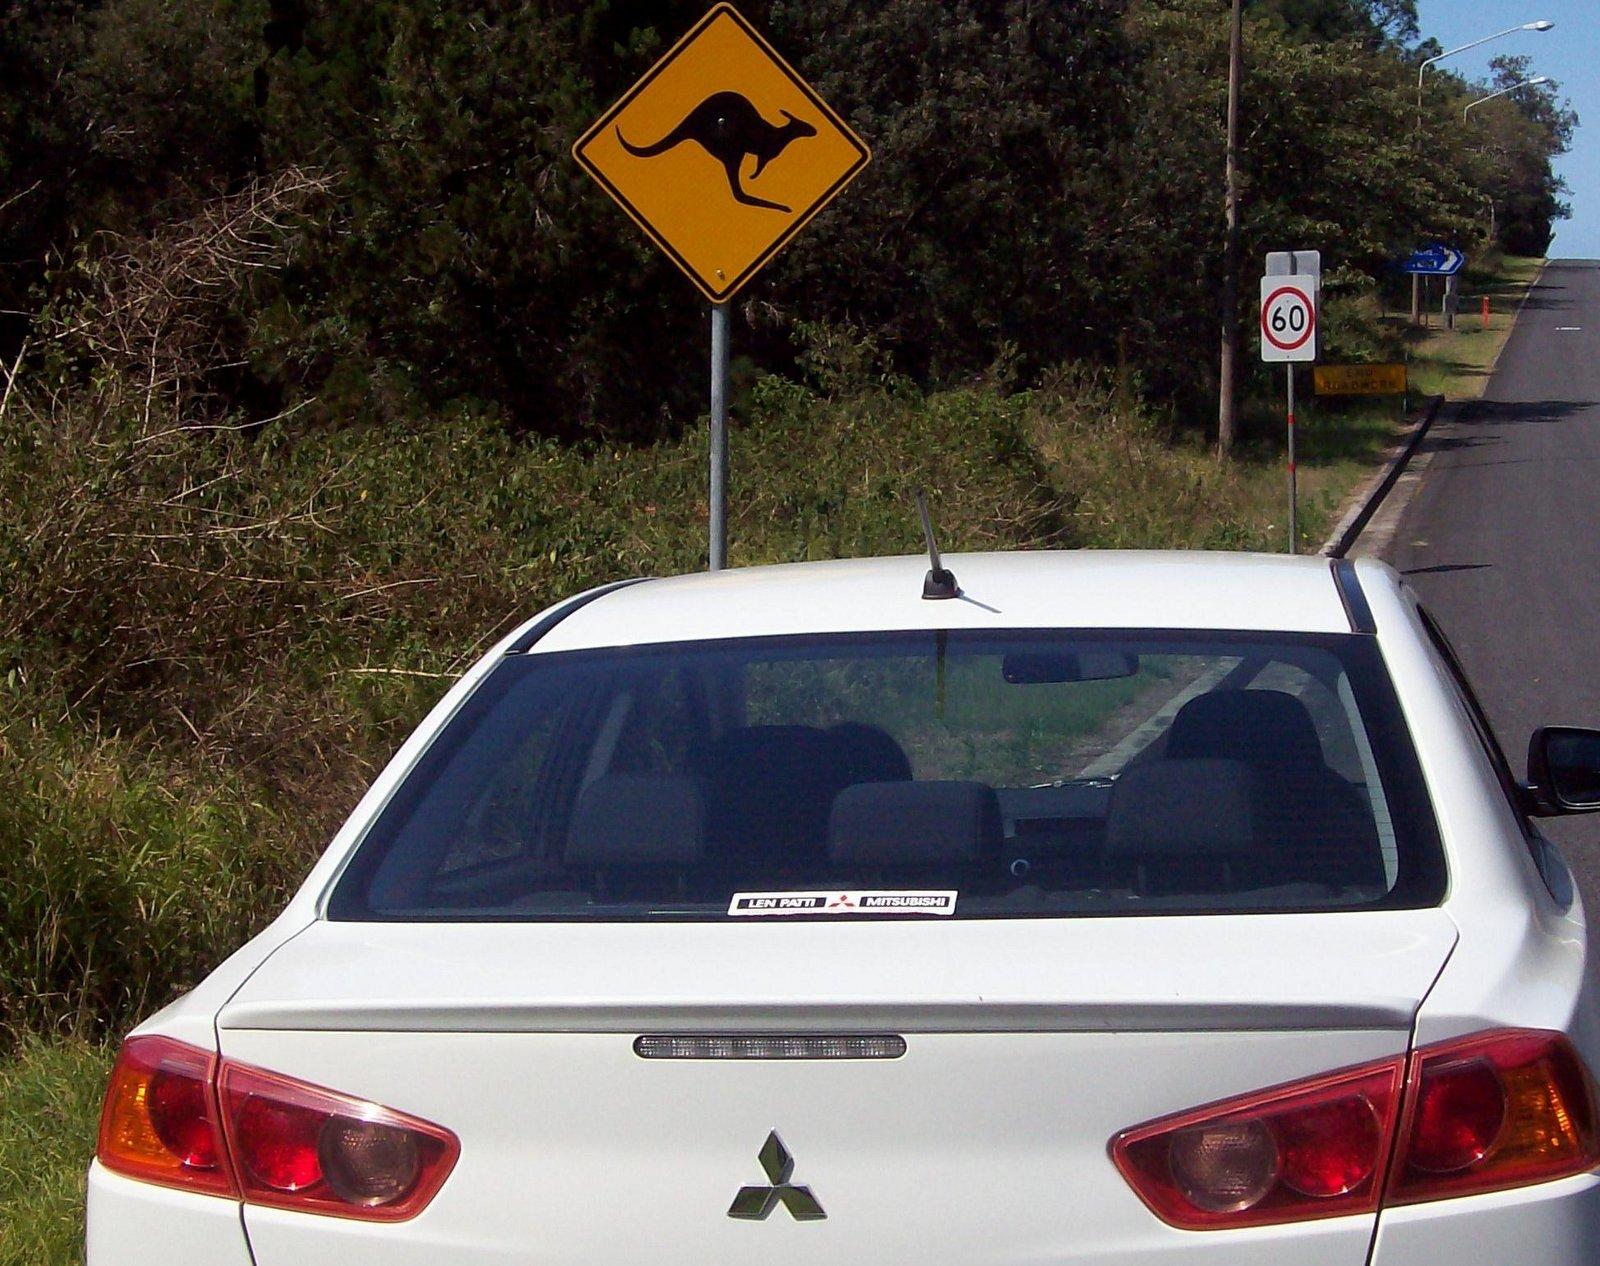 Bruce Highway in Queensland